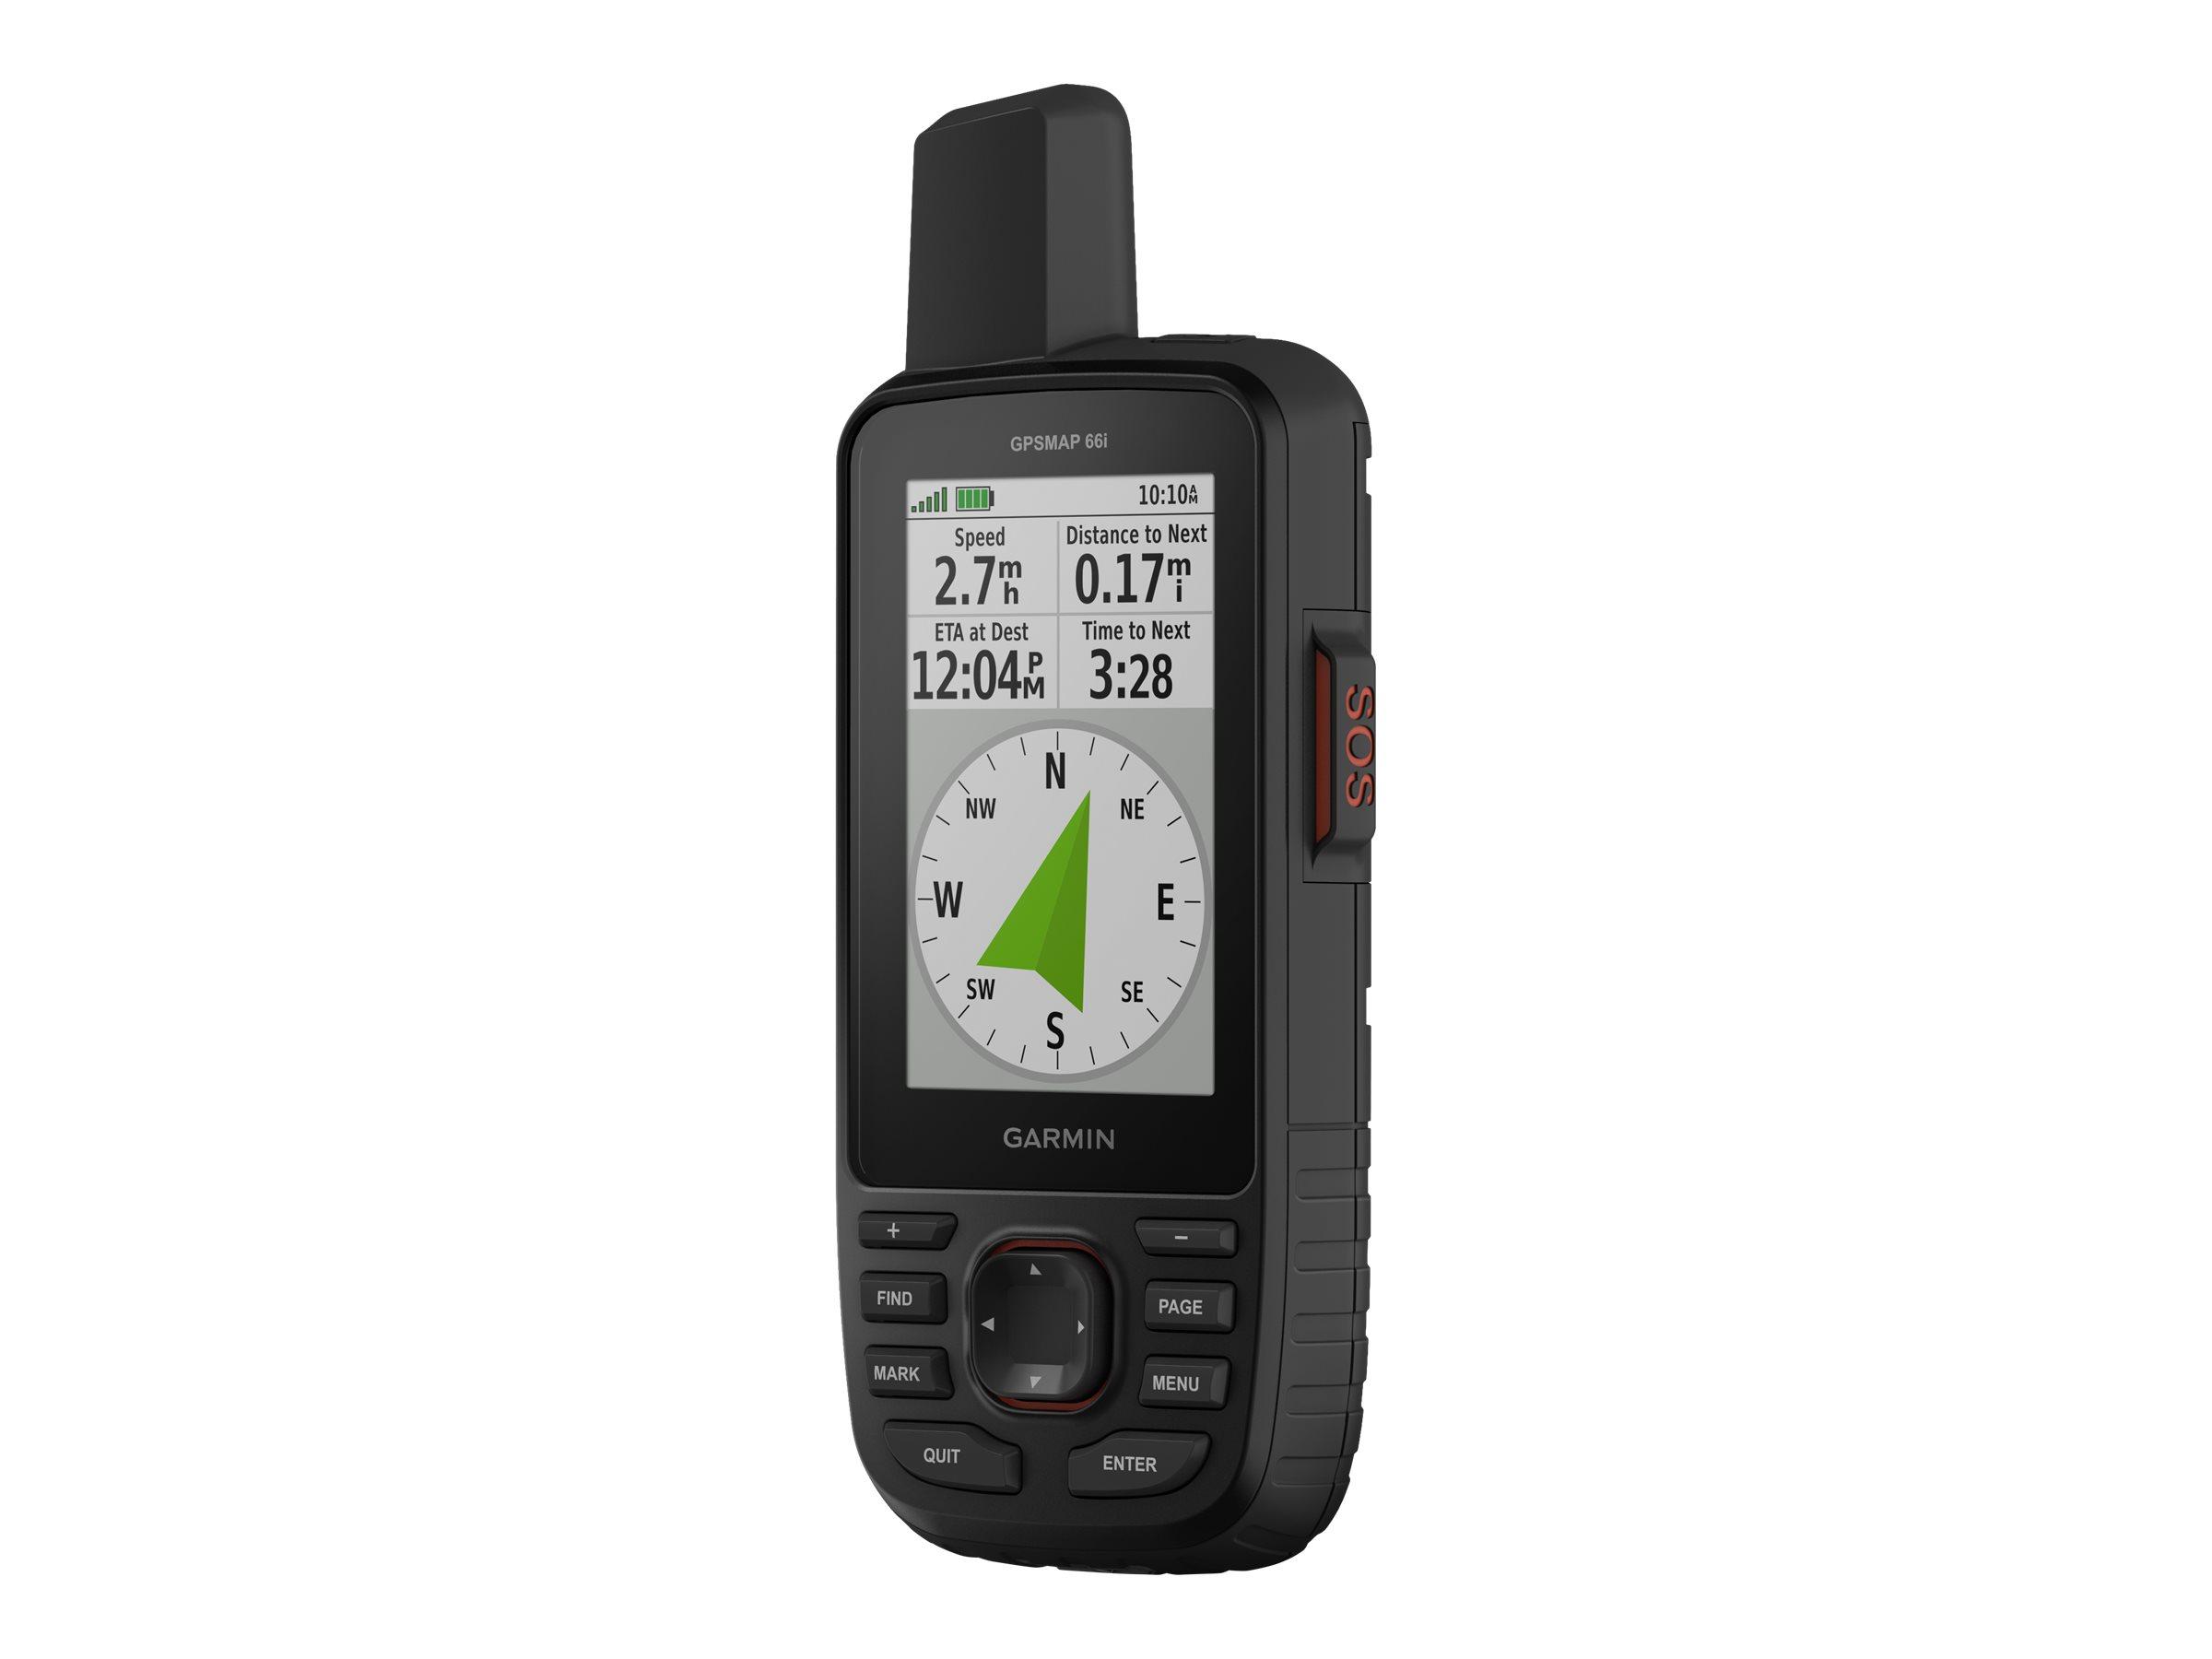 Garmin GPSMAP 66i - GPS-Navigationsgerät - Wandern 3